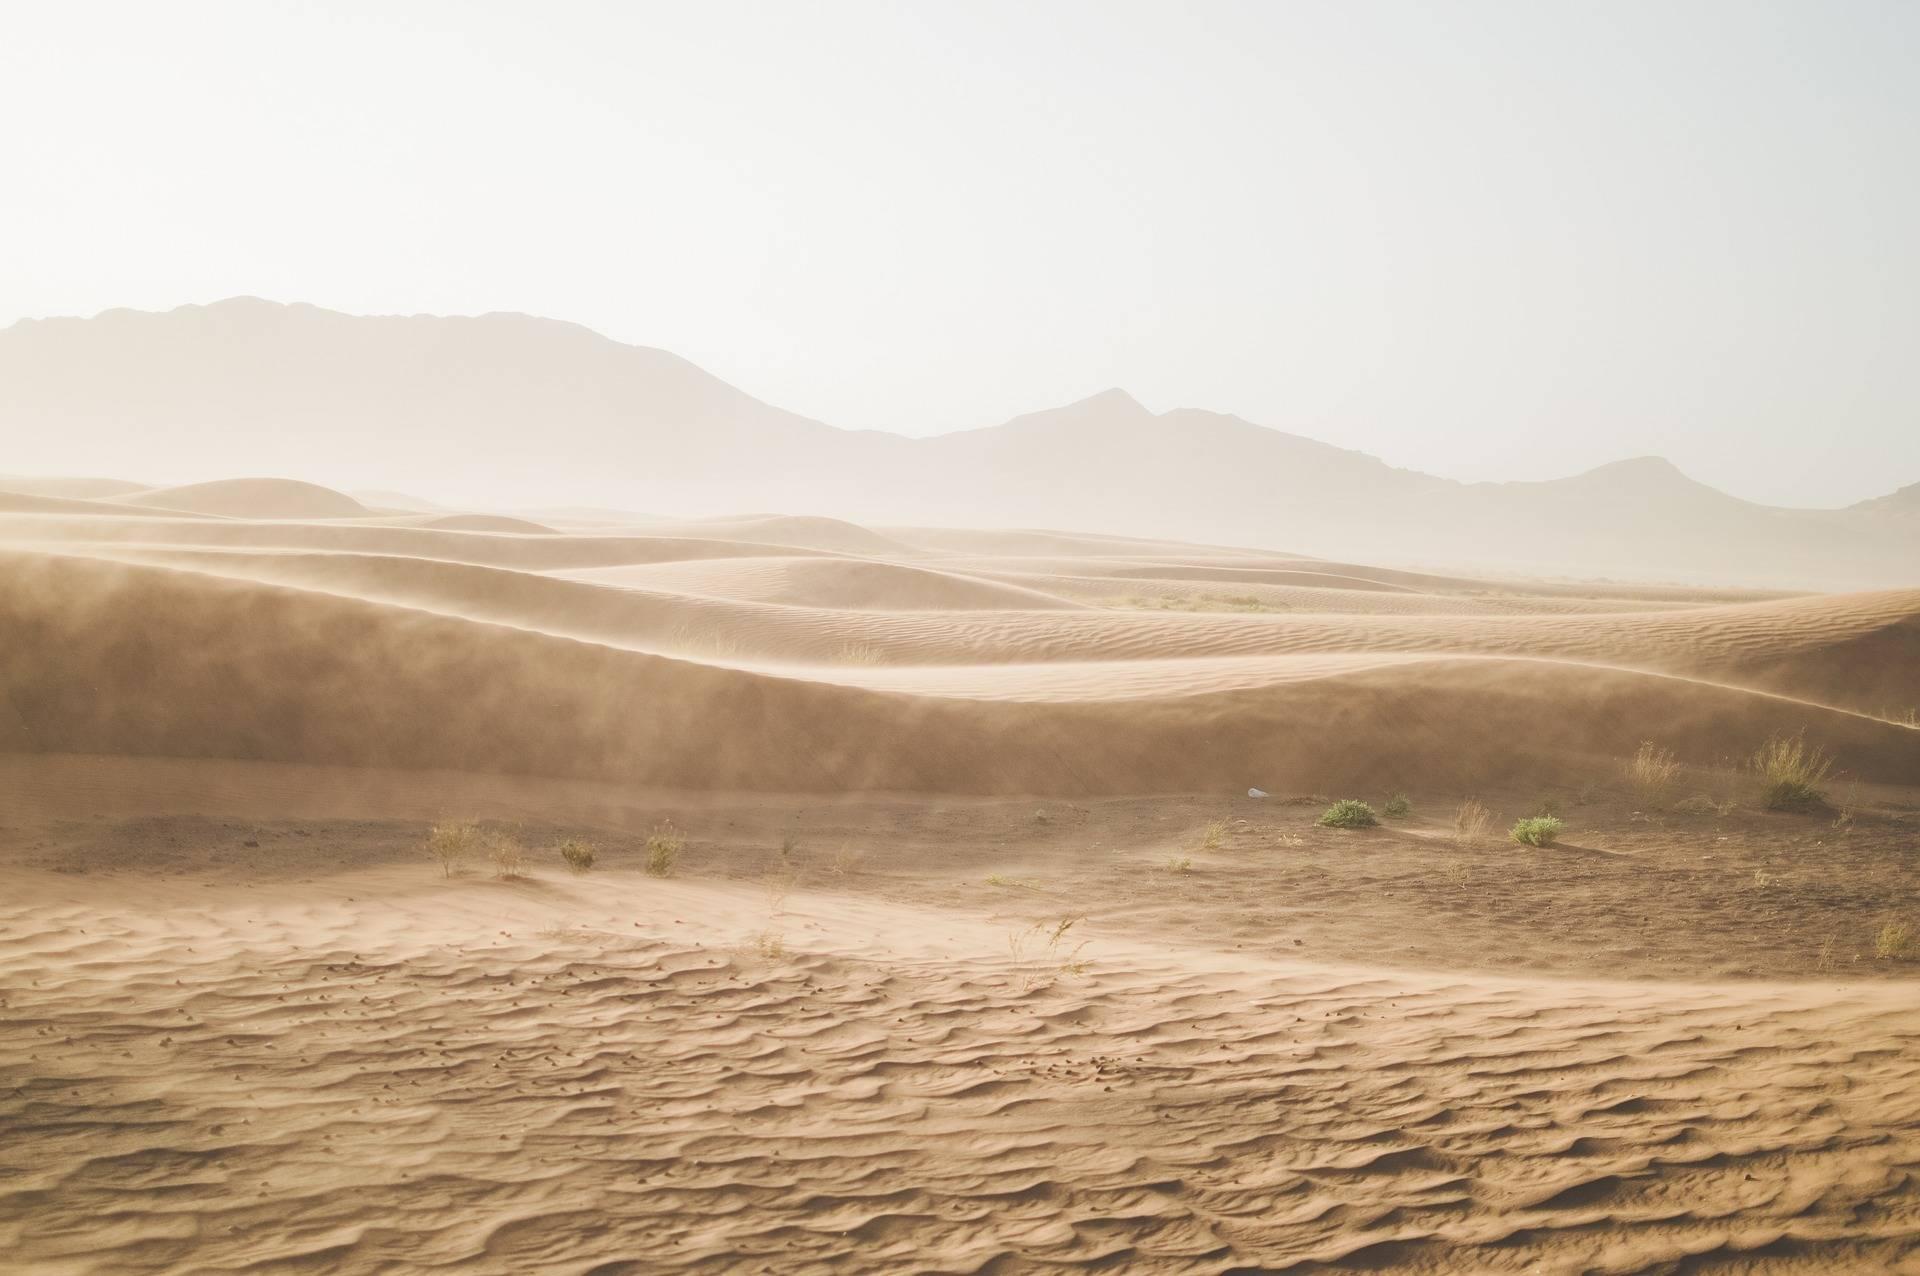 Степова зона в Україні через 30 років може перетворитися на пустелю - прогноз ученого